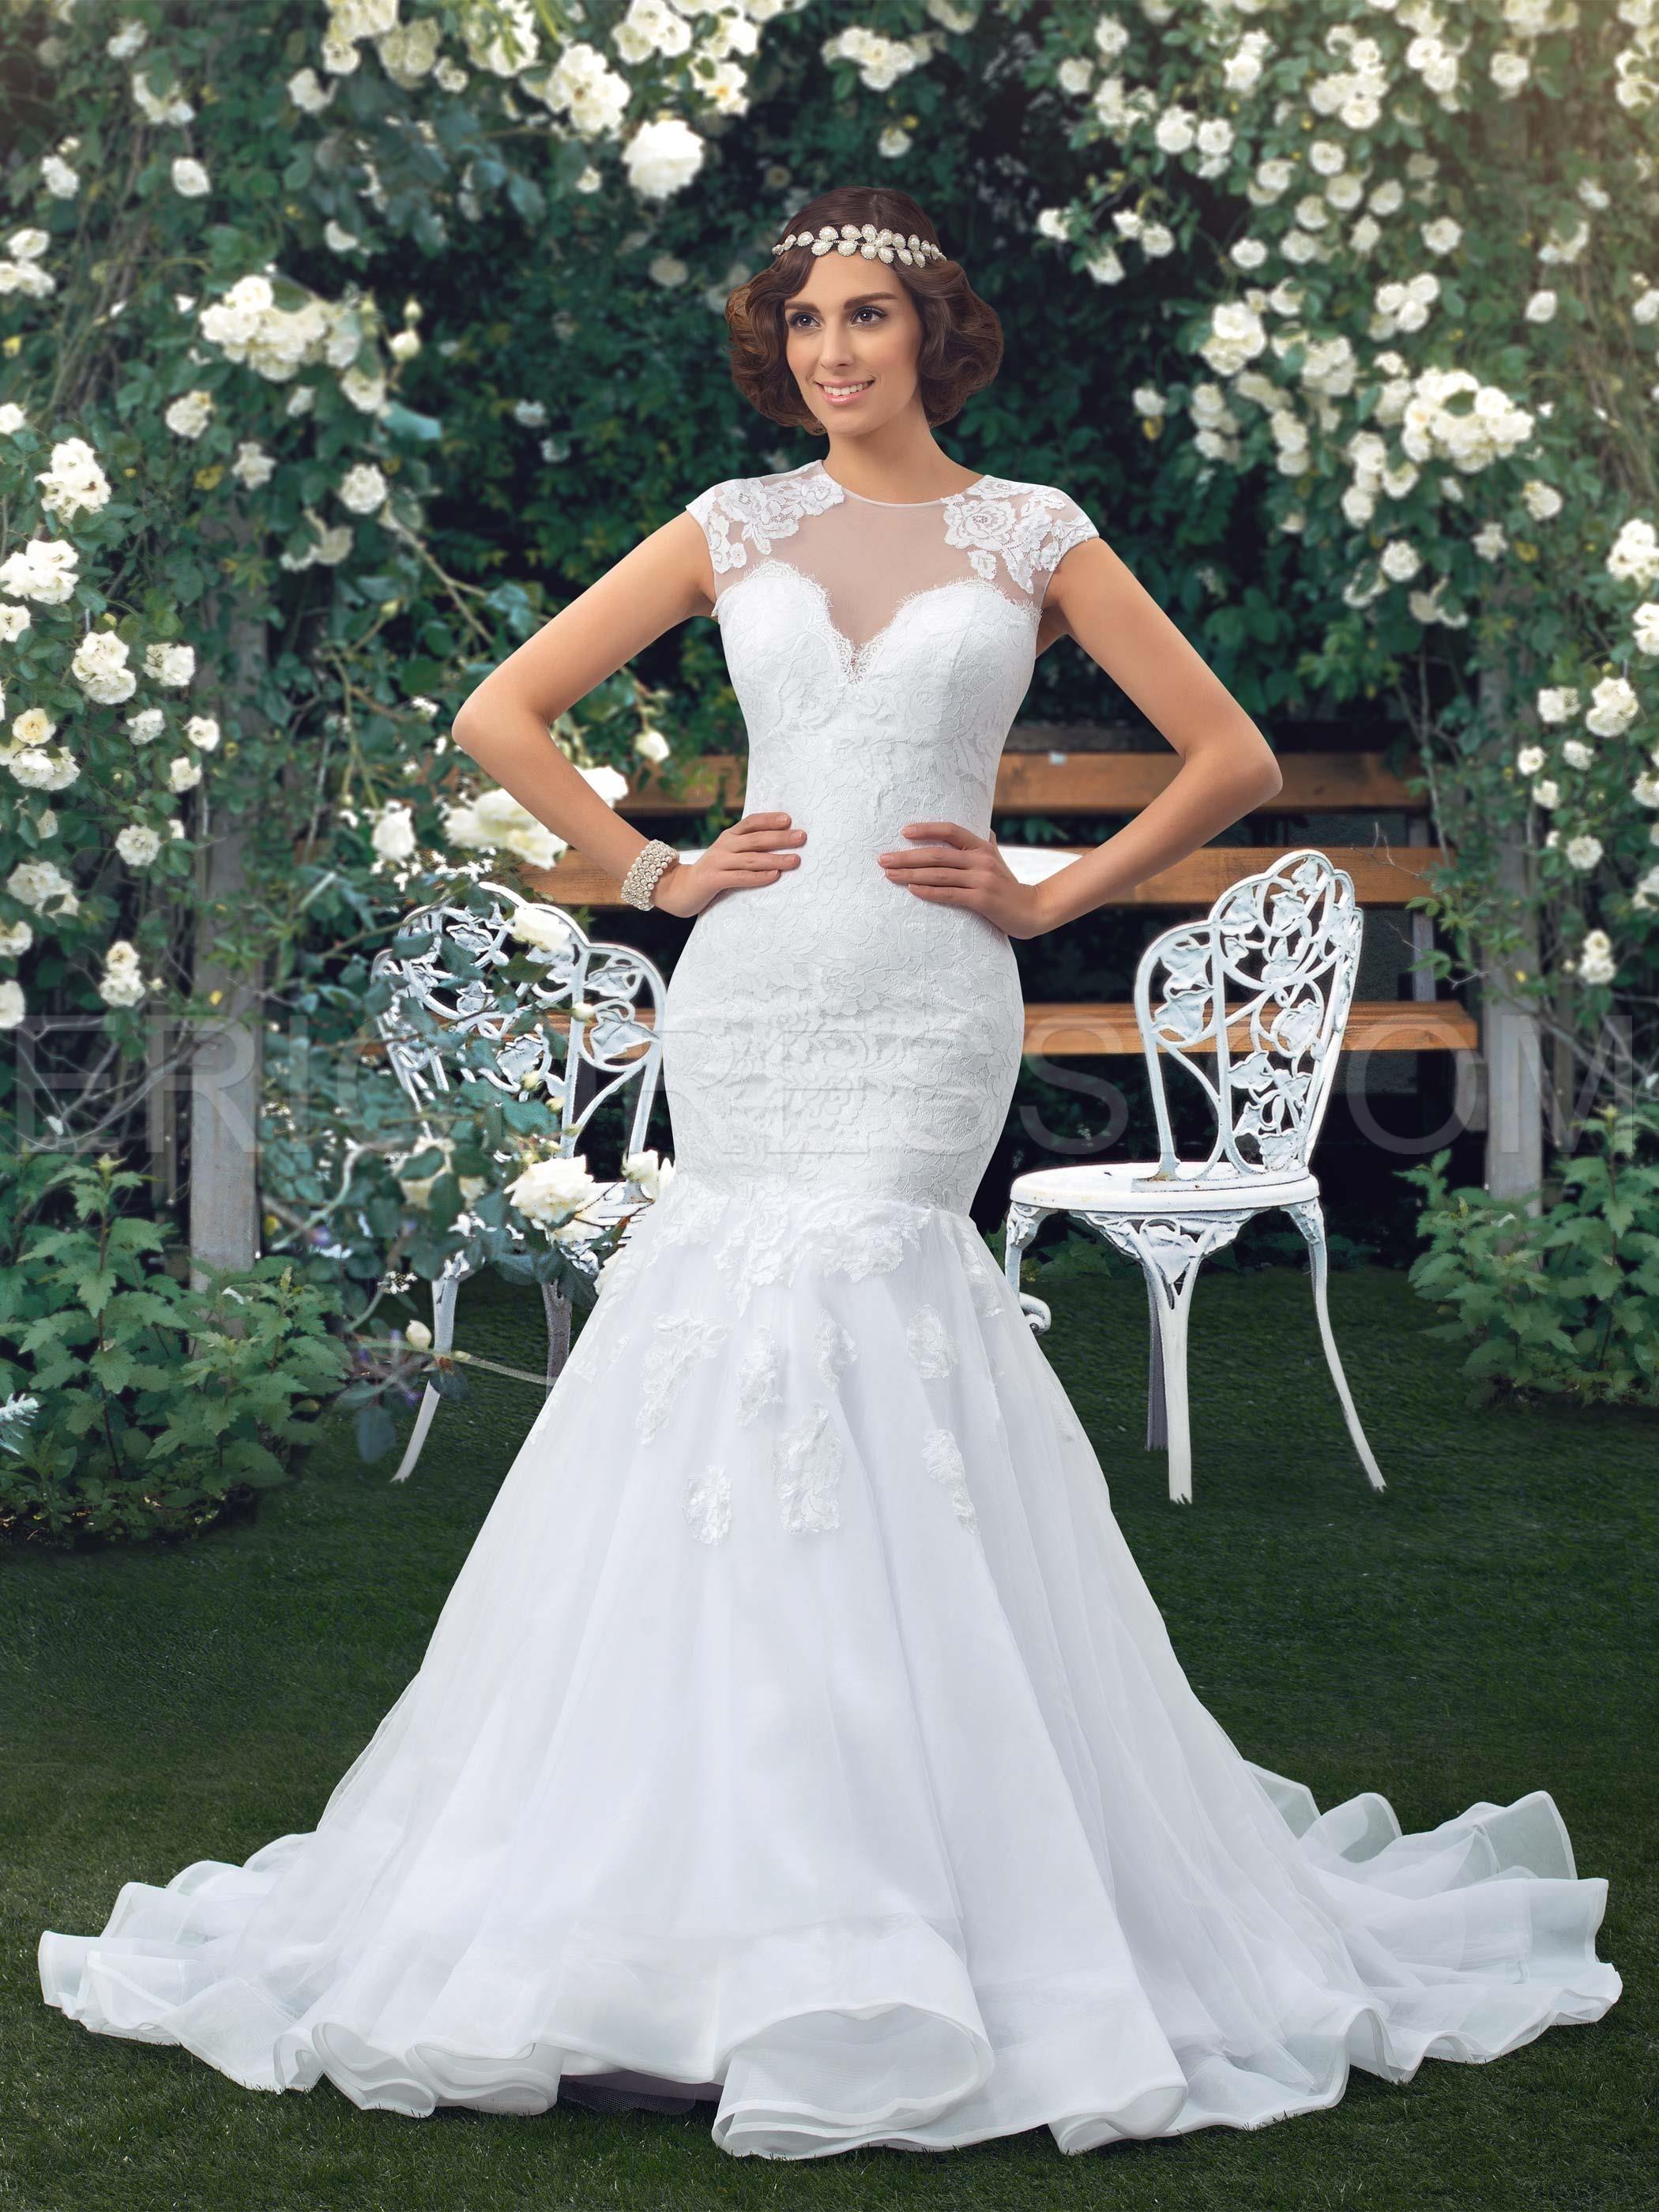 Irish Wedding Dress Irish wedding dresses, Lace mermaid